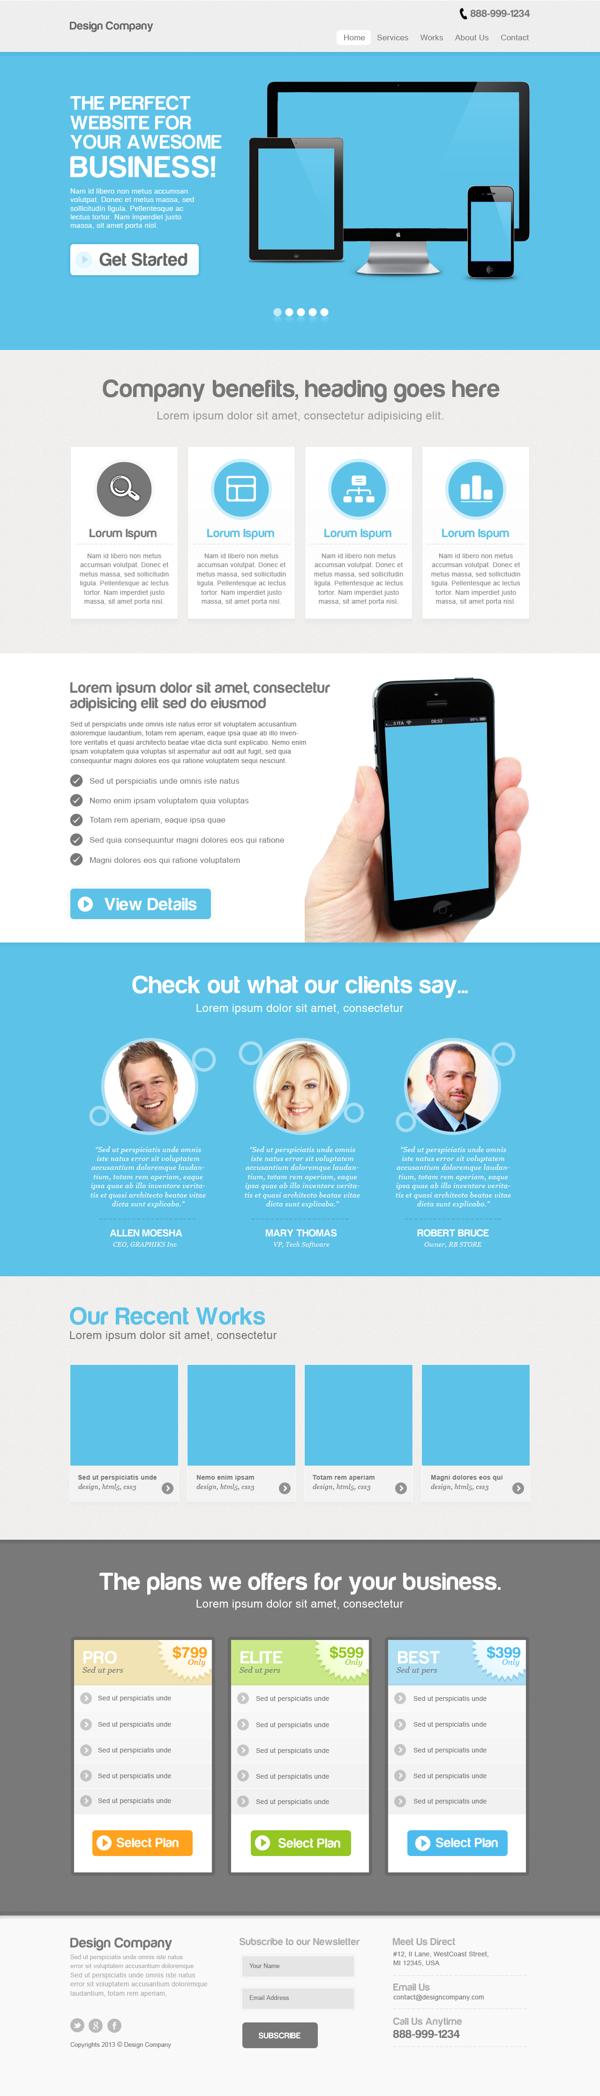 Single Page Website Design Concept For Sale By Cstudio Via Behance Website Design Concept Design Website Hosting